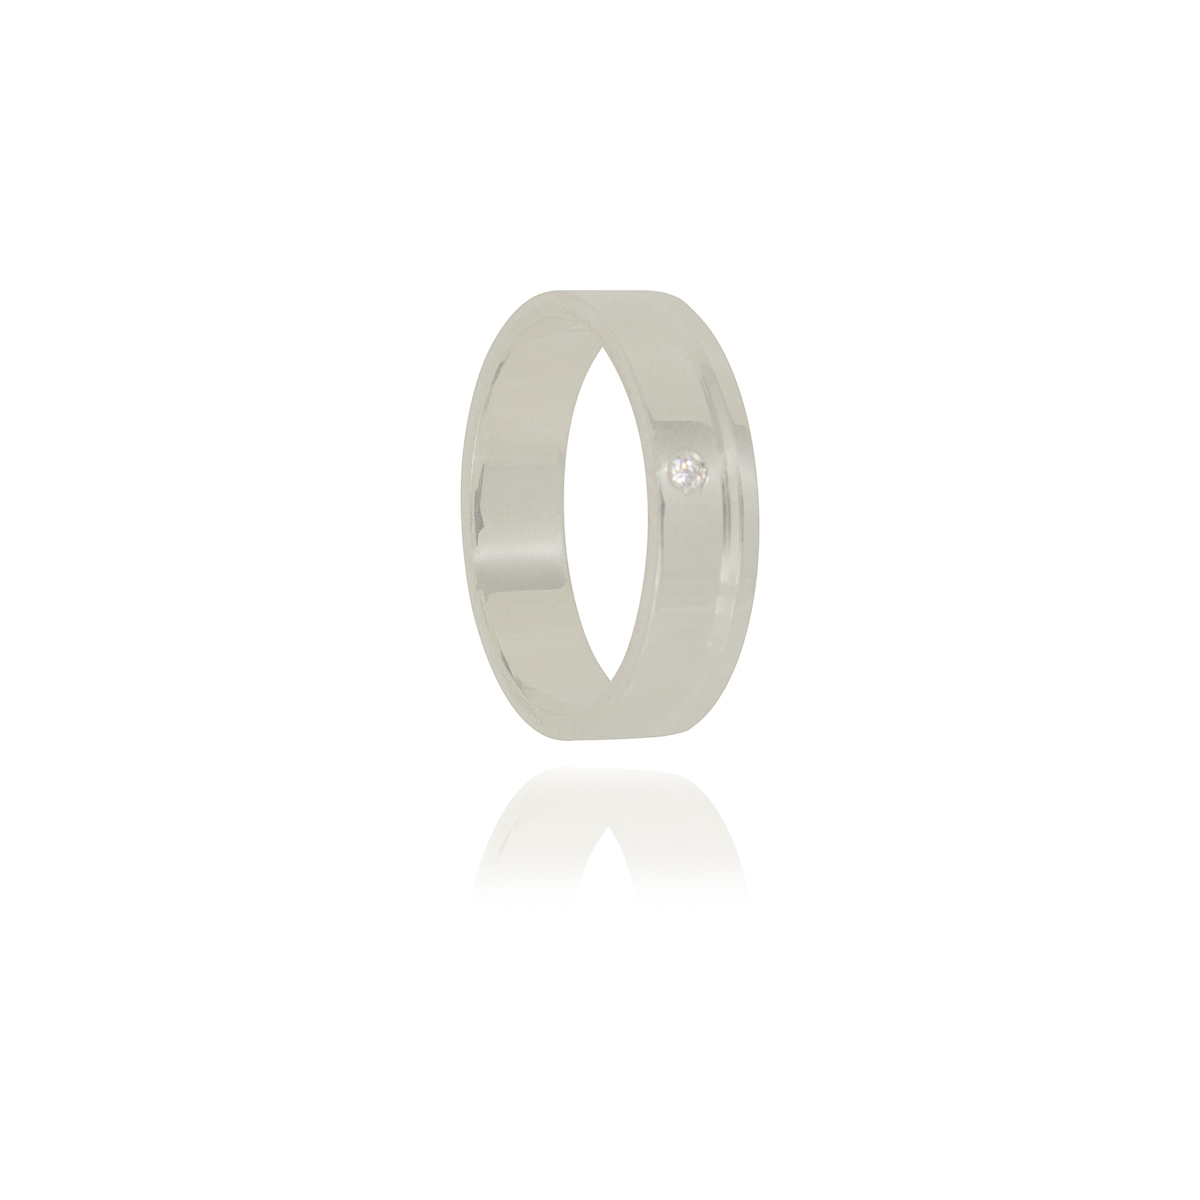 Aliança  com ponto de luz e friso em prata 925 pura de 5 mm